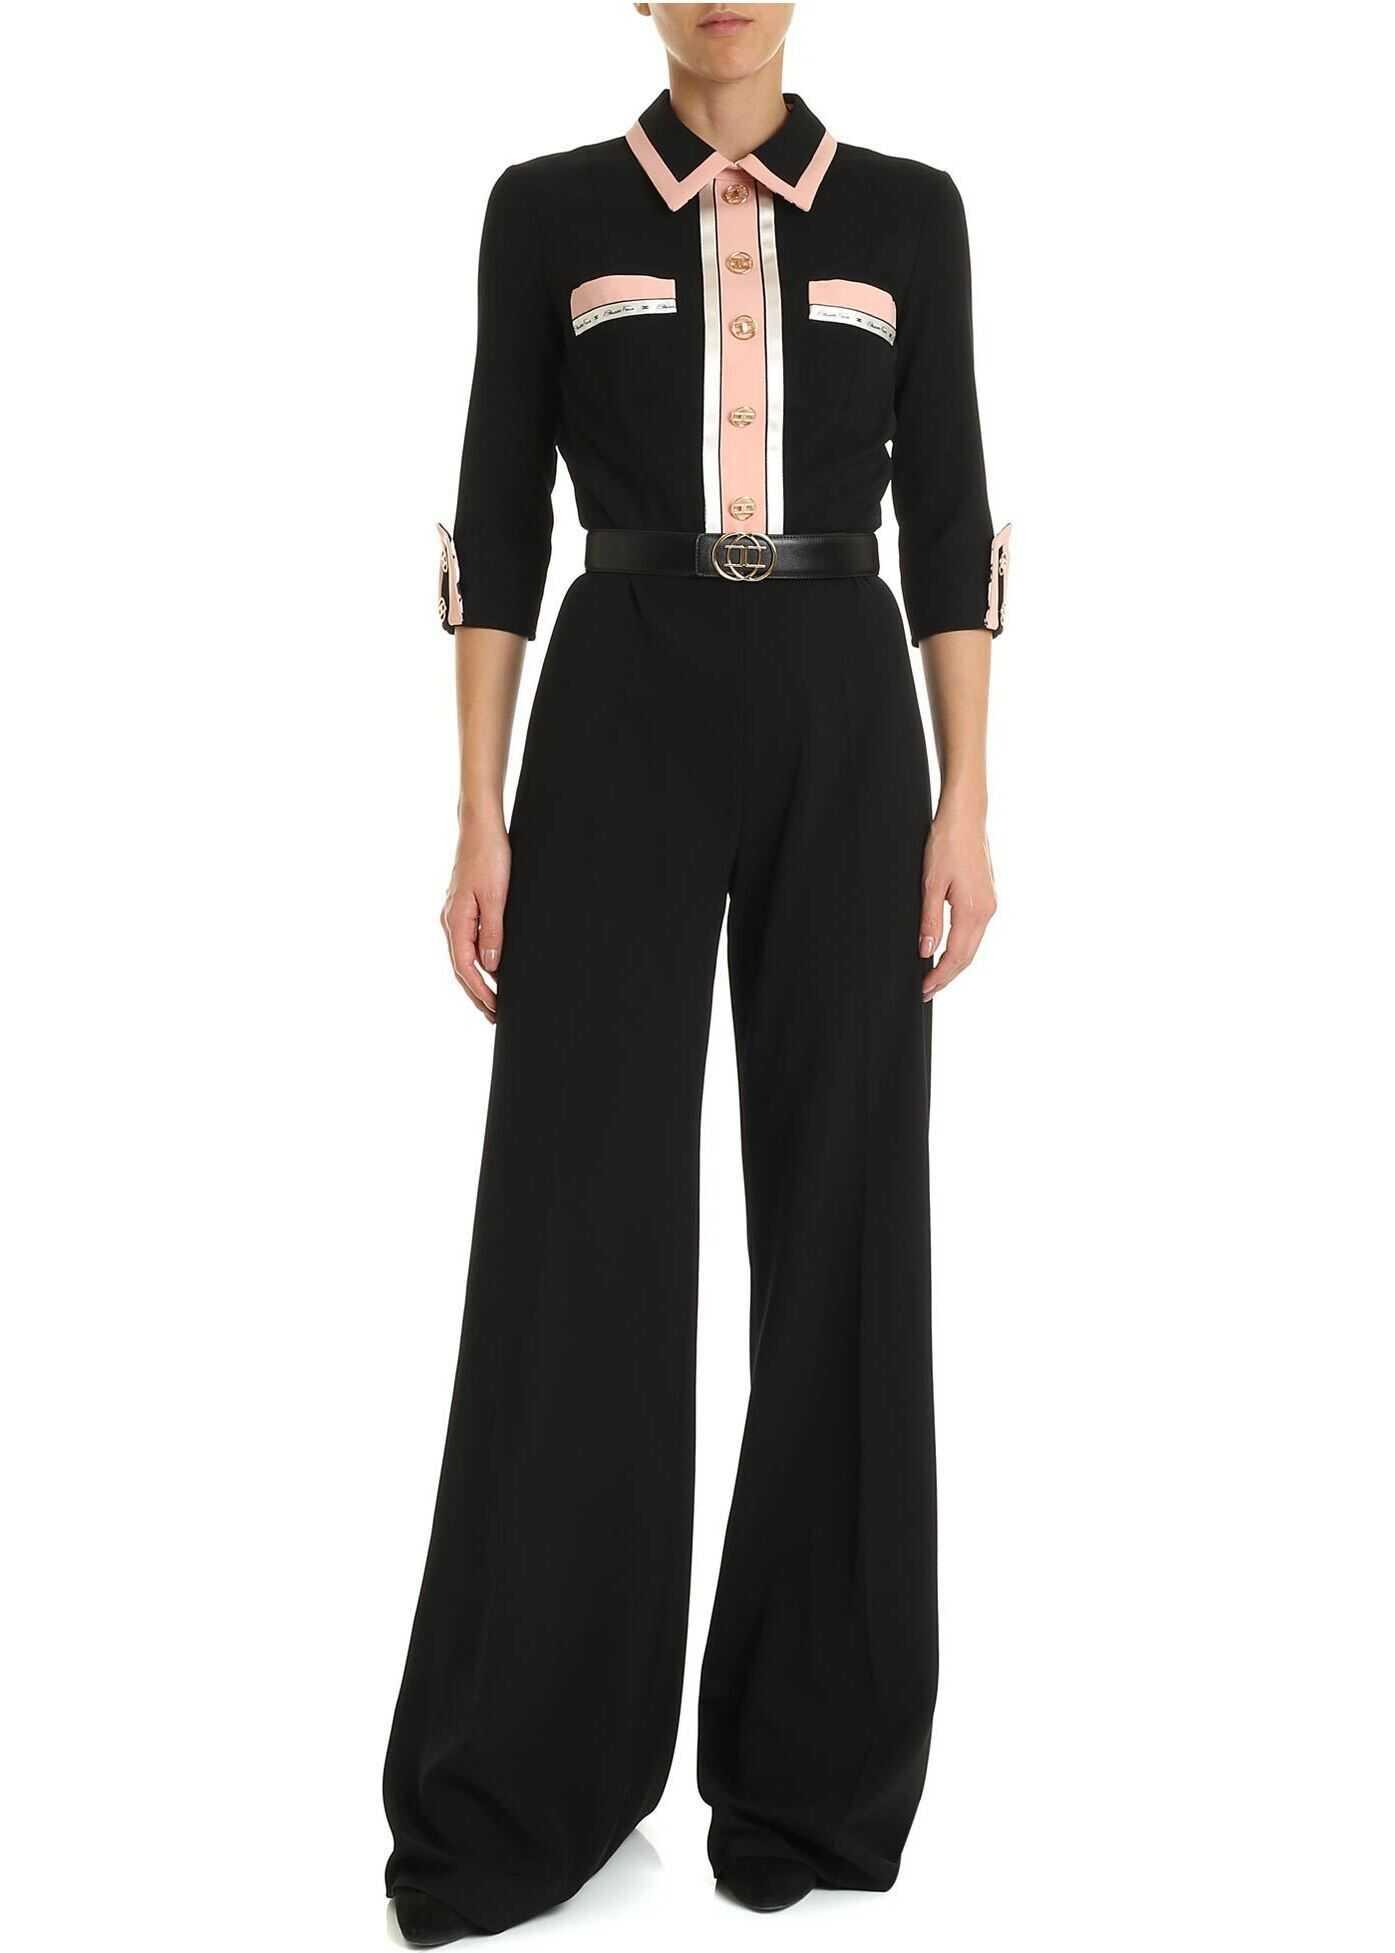 Elisabetta Franchi Black And Pink Jumpsuit With Belt Black